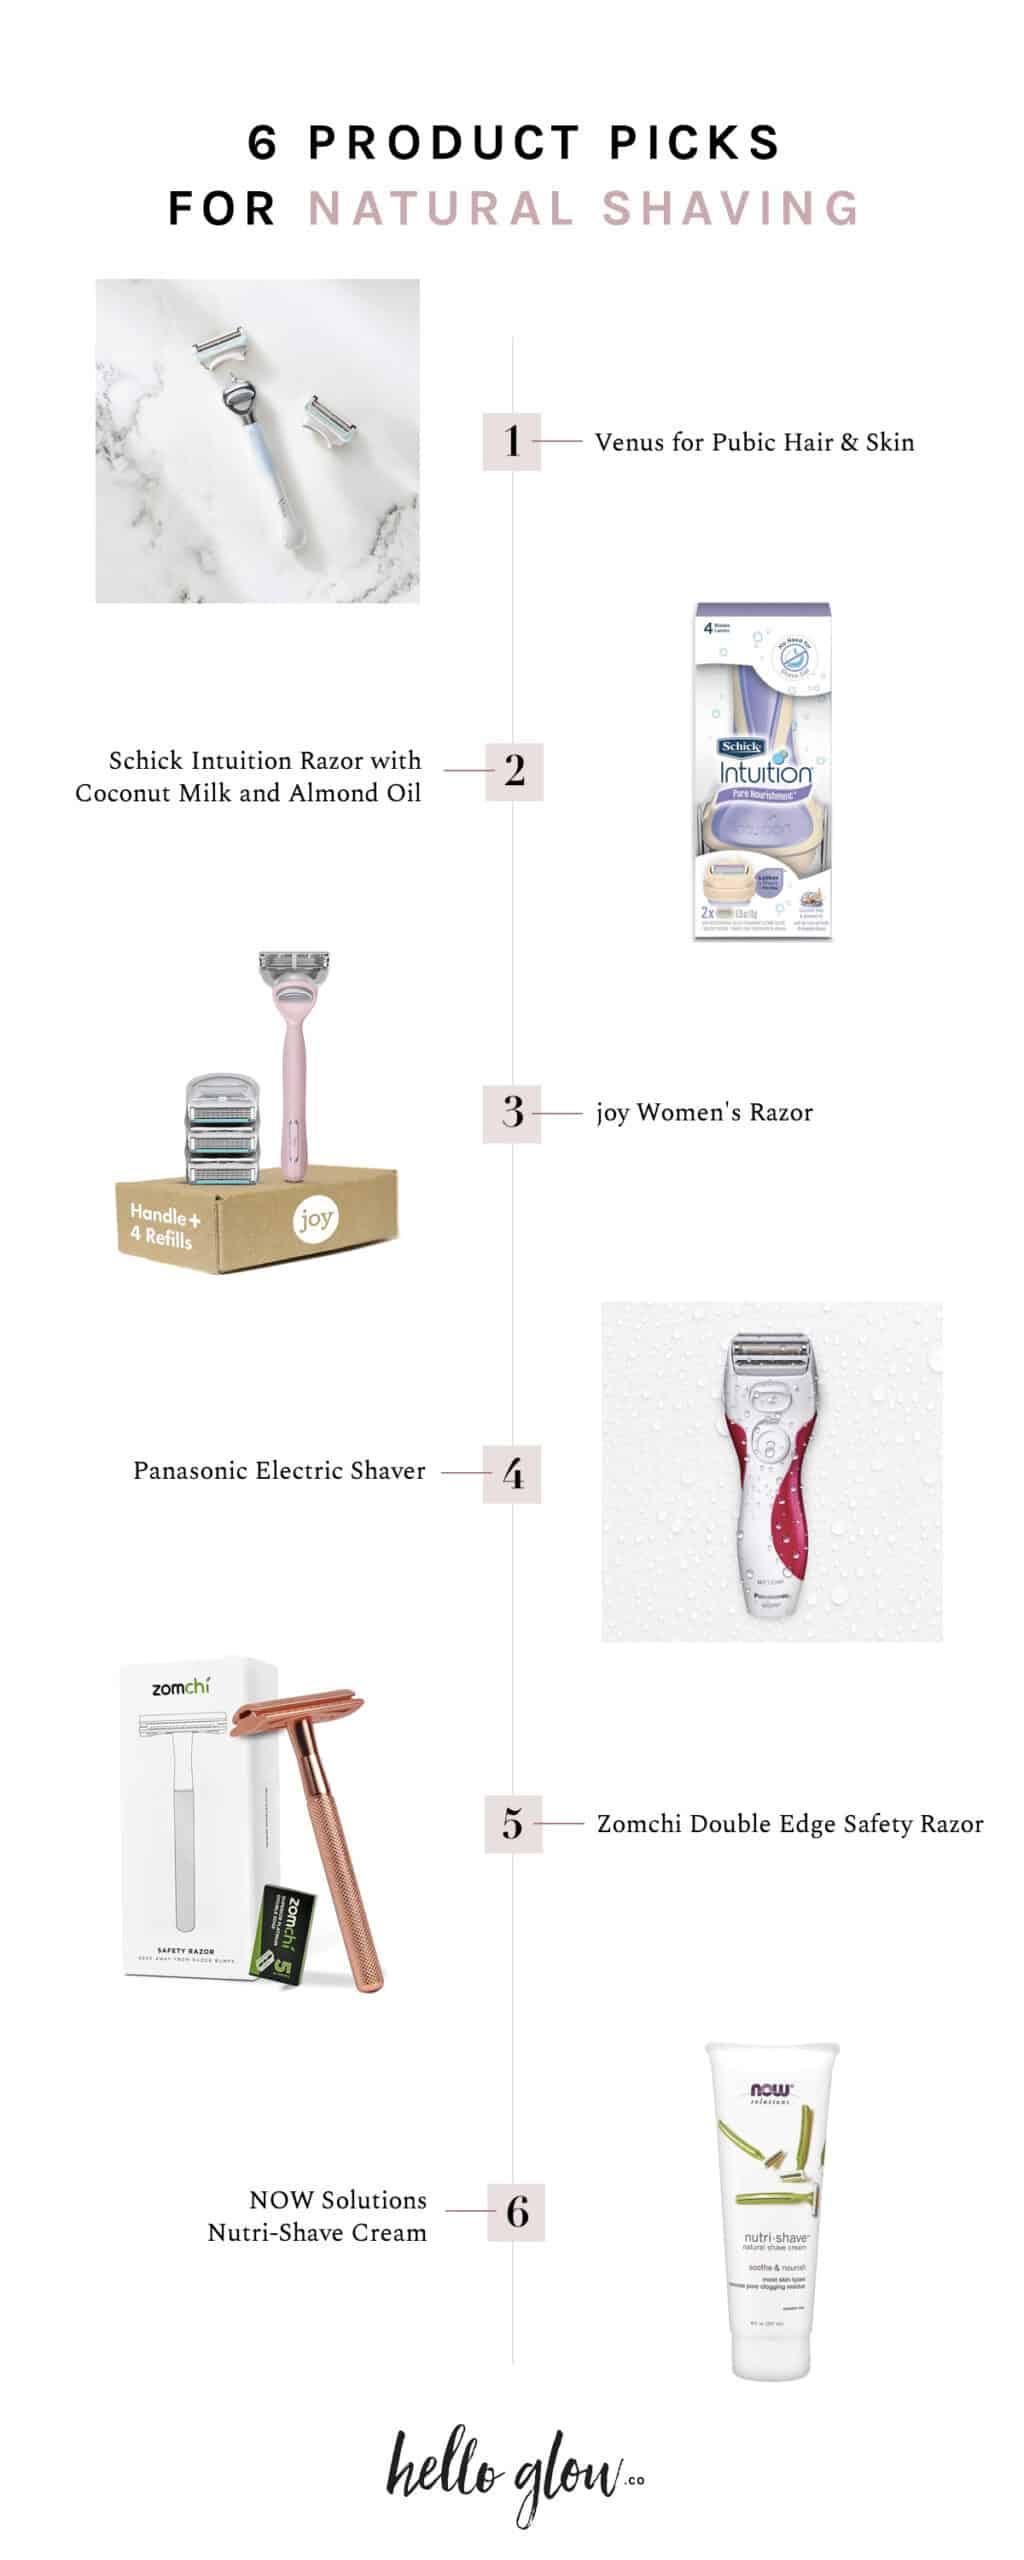 Natural Shaving Product Picks